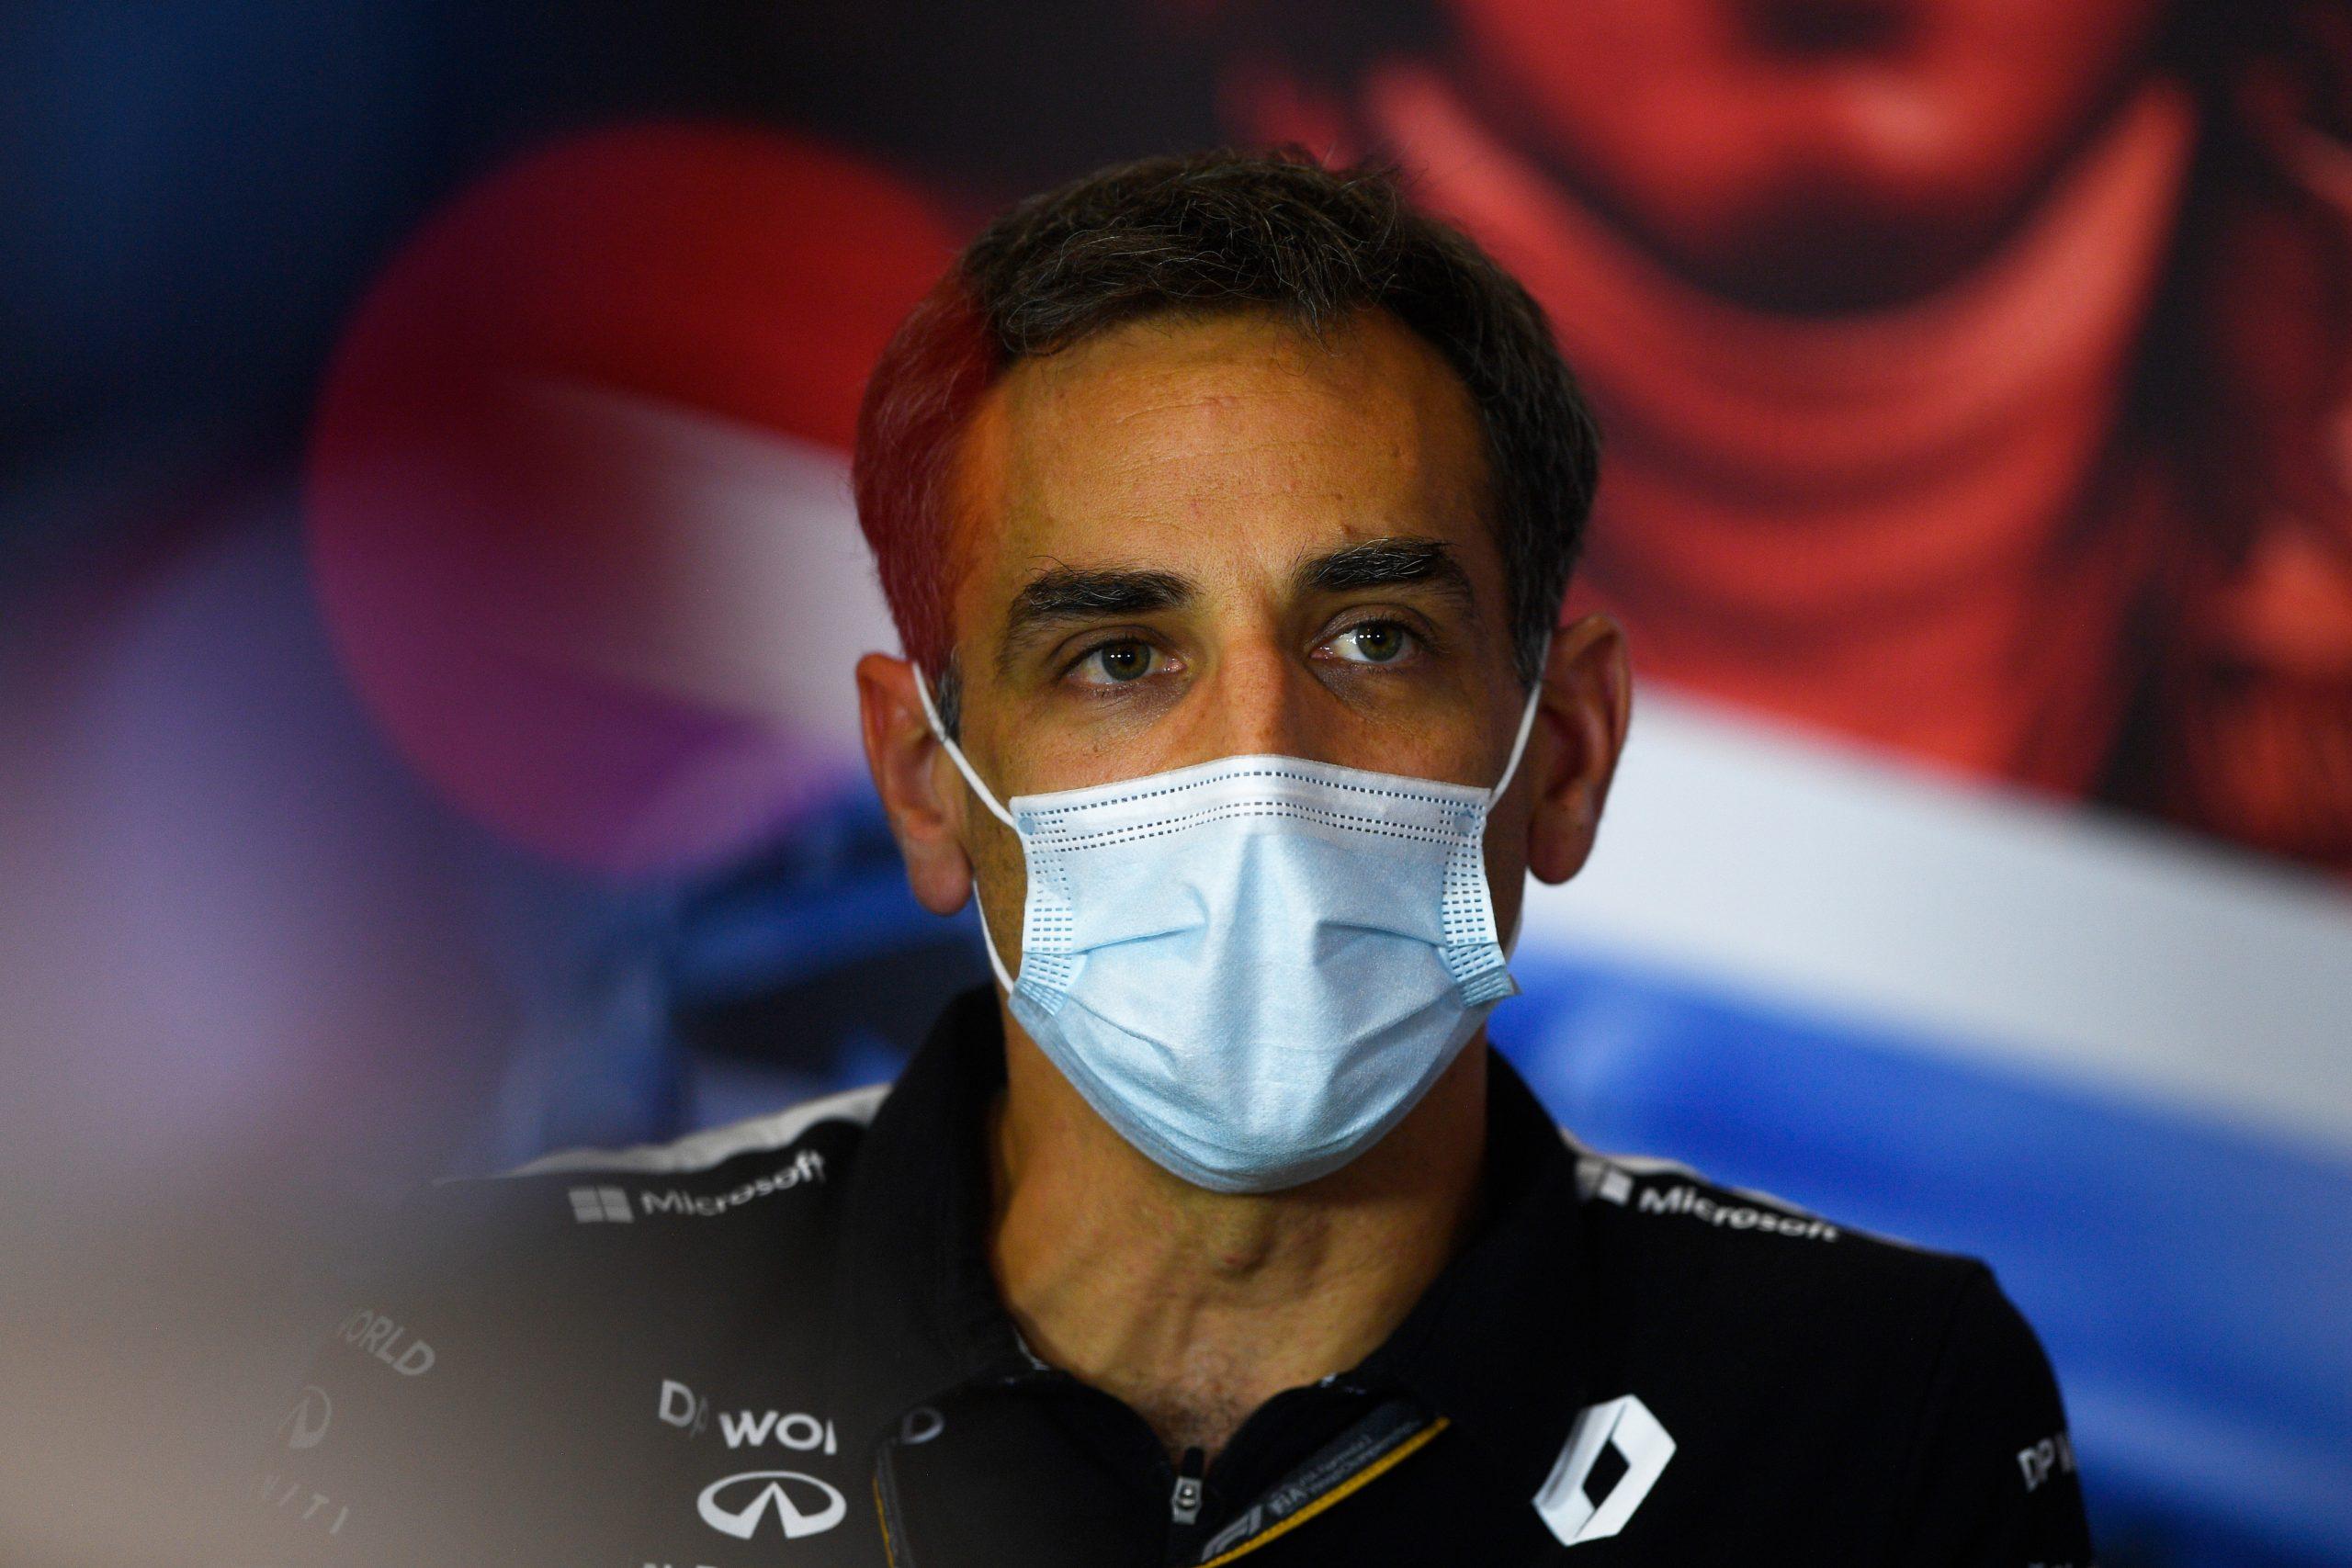 """Cyril Abiteboul """"en apnée"""" pendant que Alonso participe à l'Indy 500 1"""